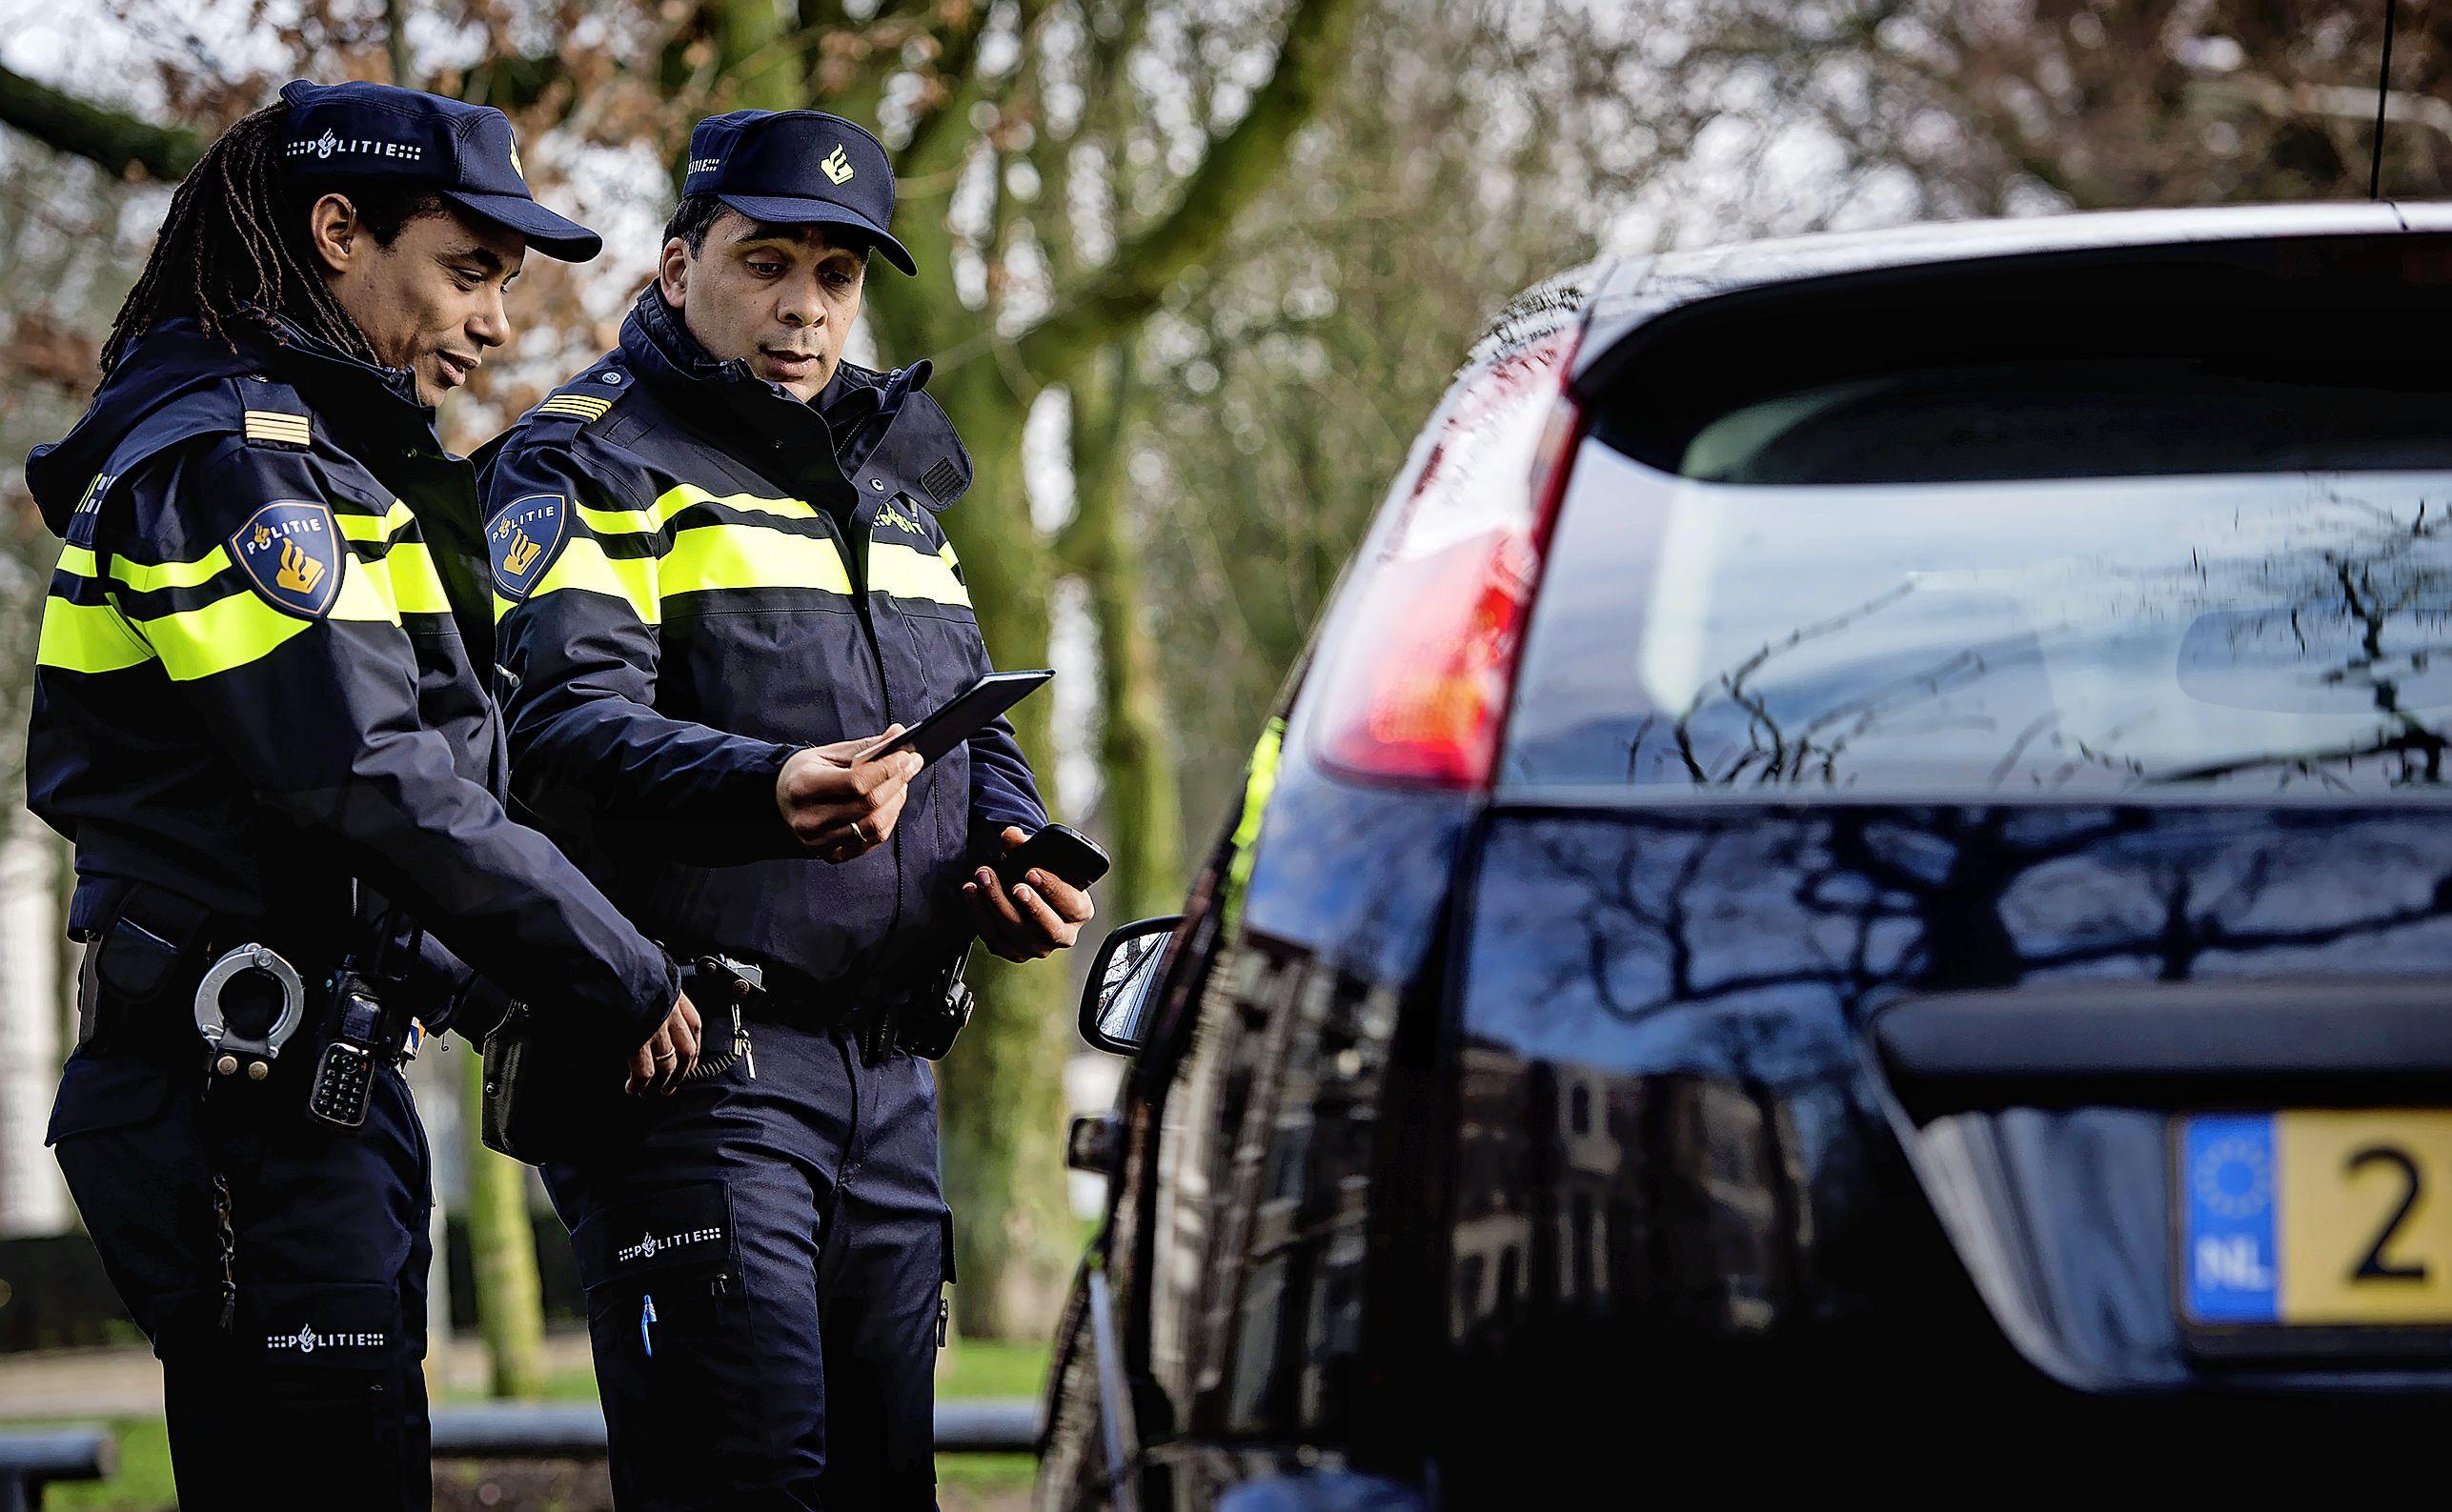 Agenten in burgervoertuig. 'Politie volgen', doemt met rode letters op in de lichtbak. Dat wordt een dure les | Column